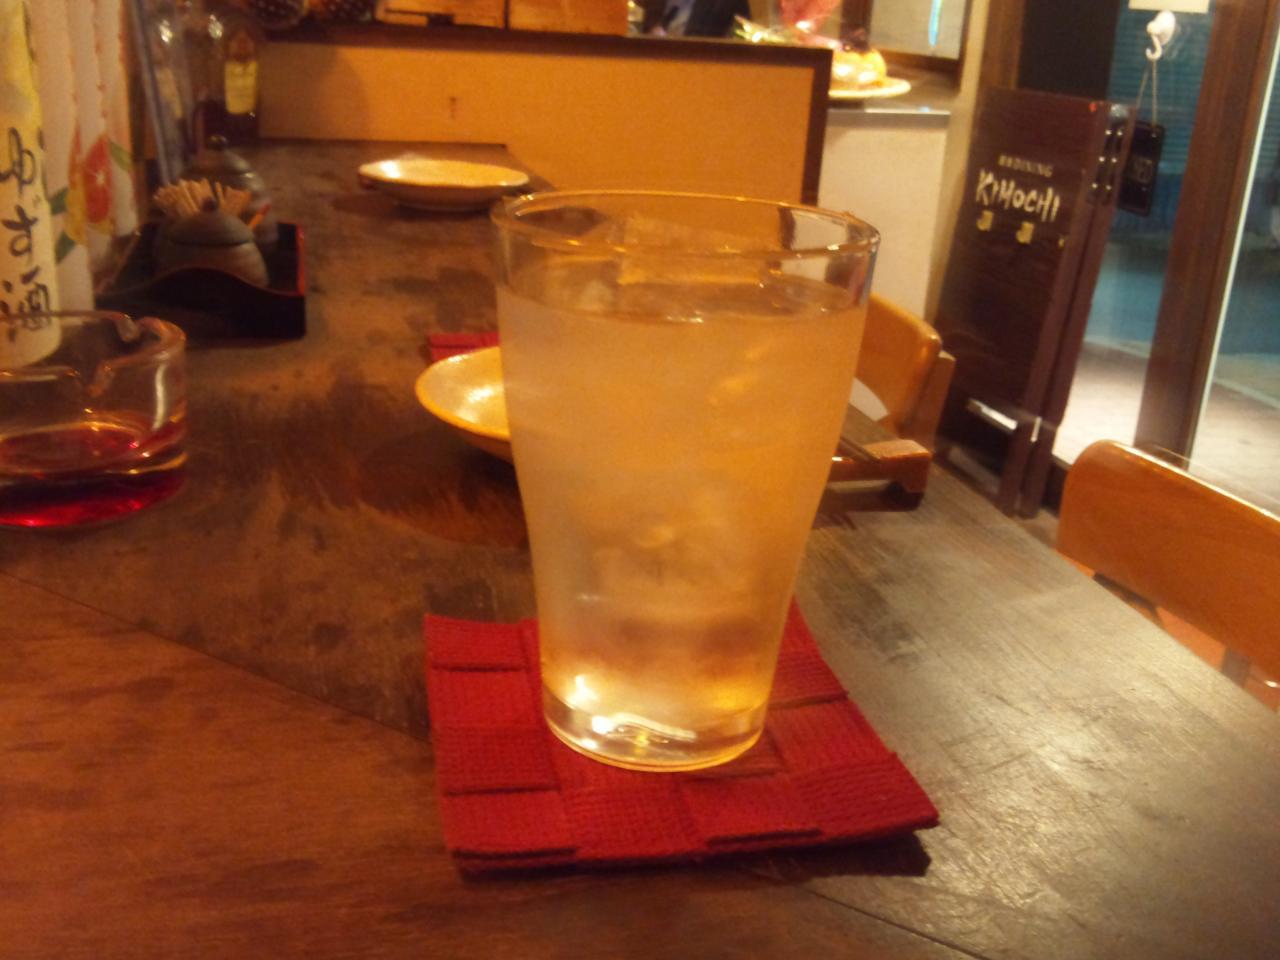 居食DINING_KIMOCHI(テーブル)